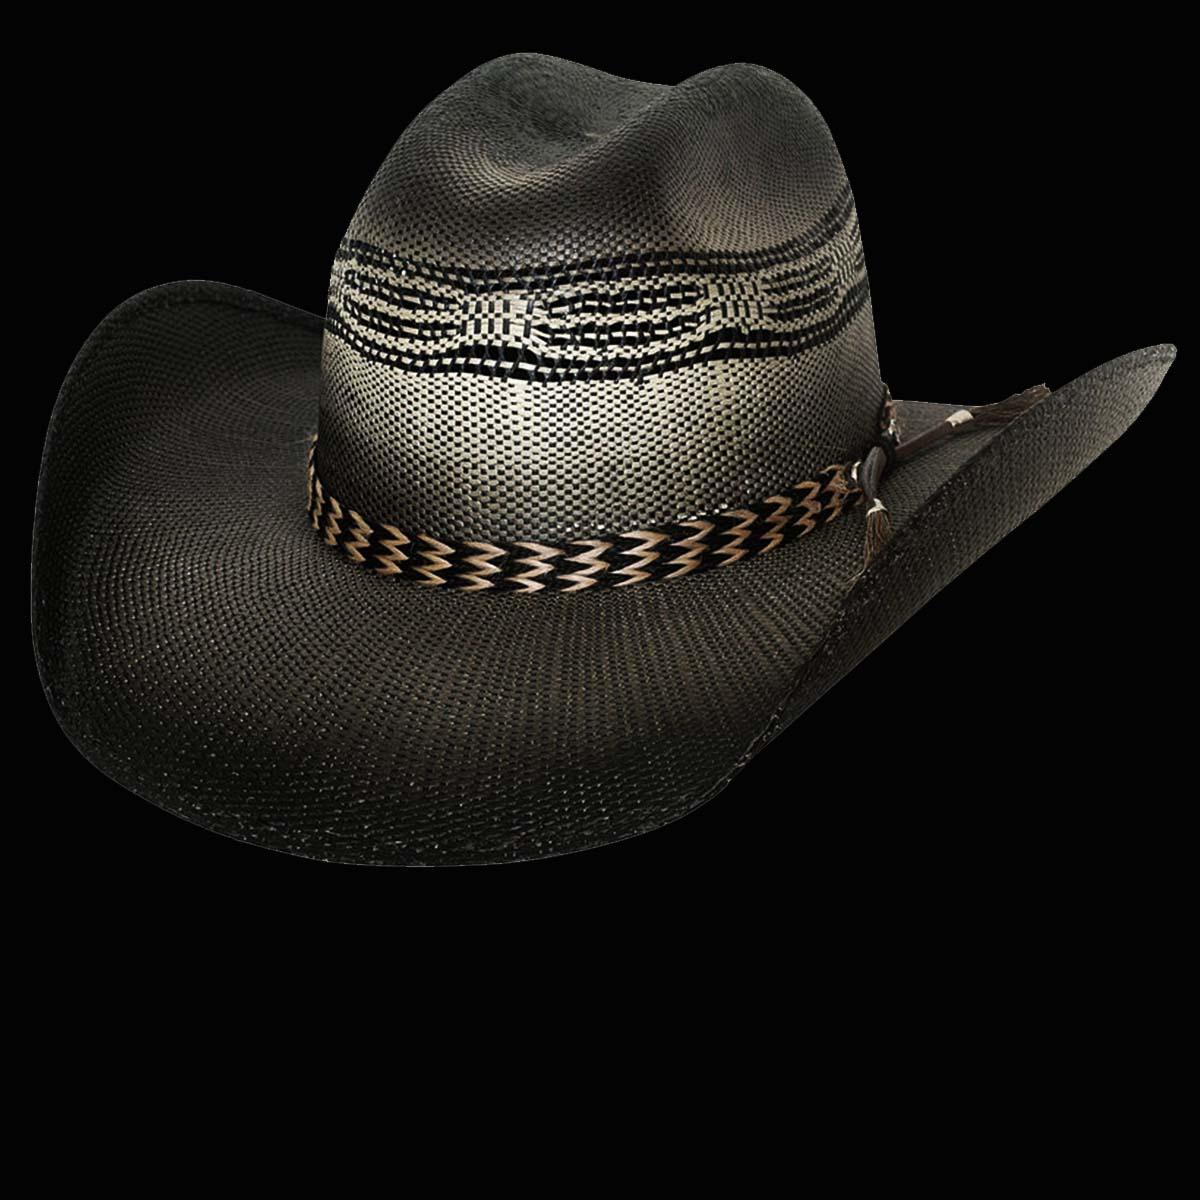 画像1: ブルハイド ウエスタン ストローハット ライジングサンド(ブラック)/Bullhide Western Straw Hat Raising Sand(Black)